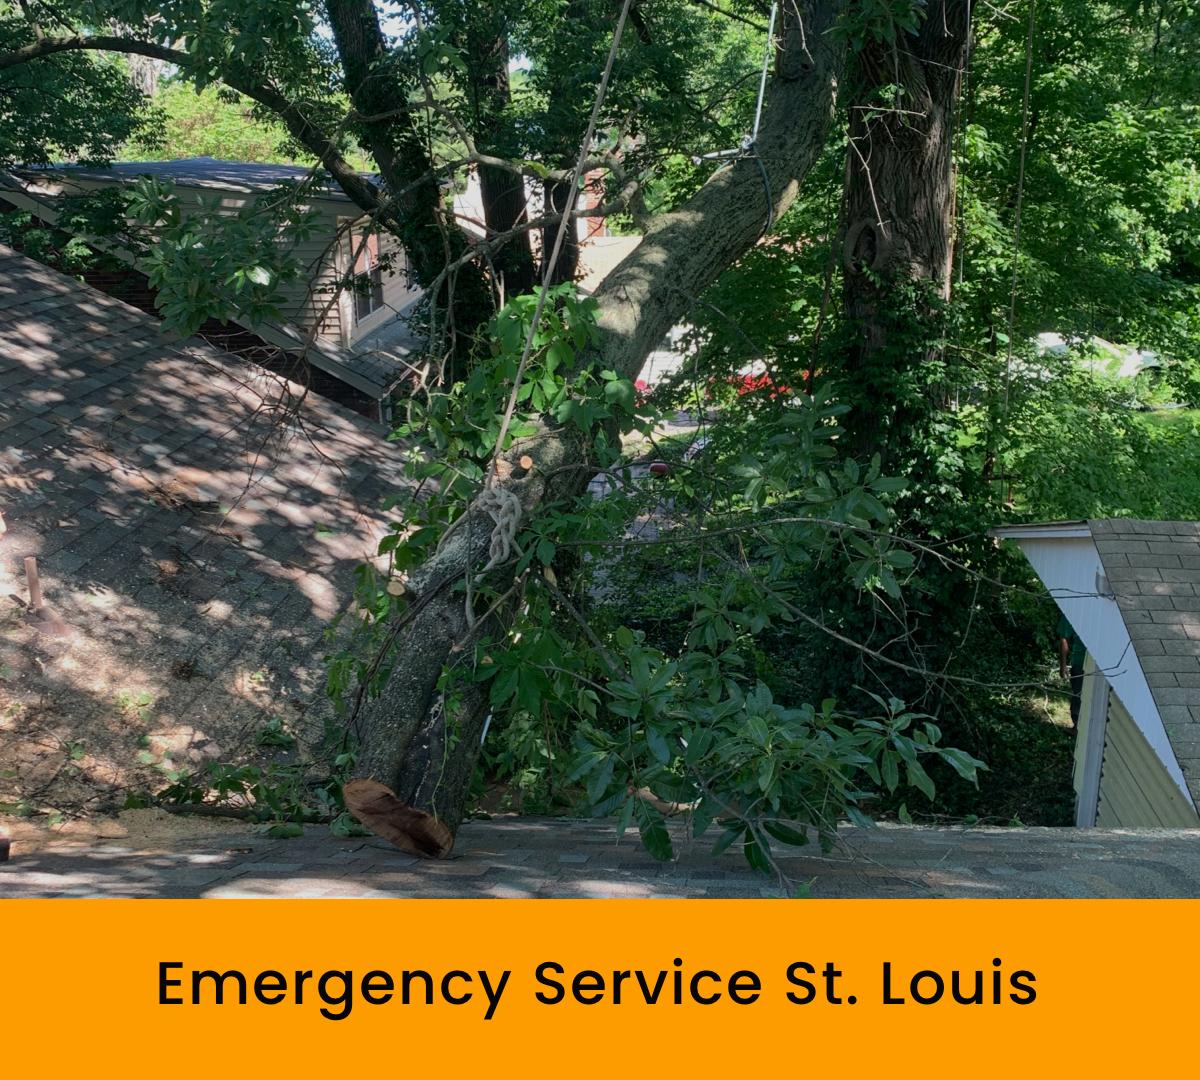 Emergency Service St. Louis